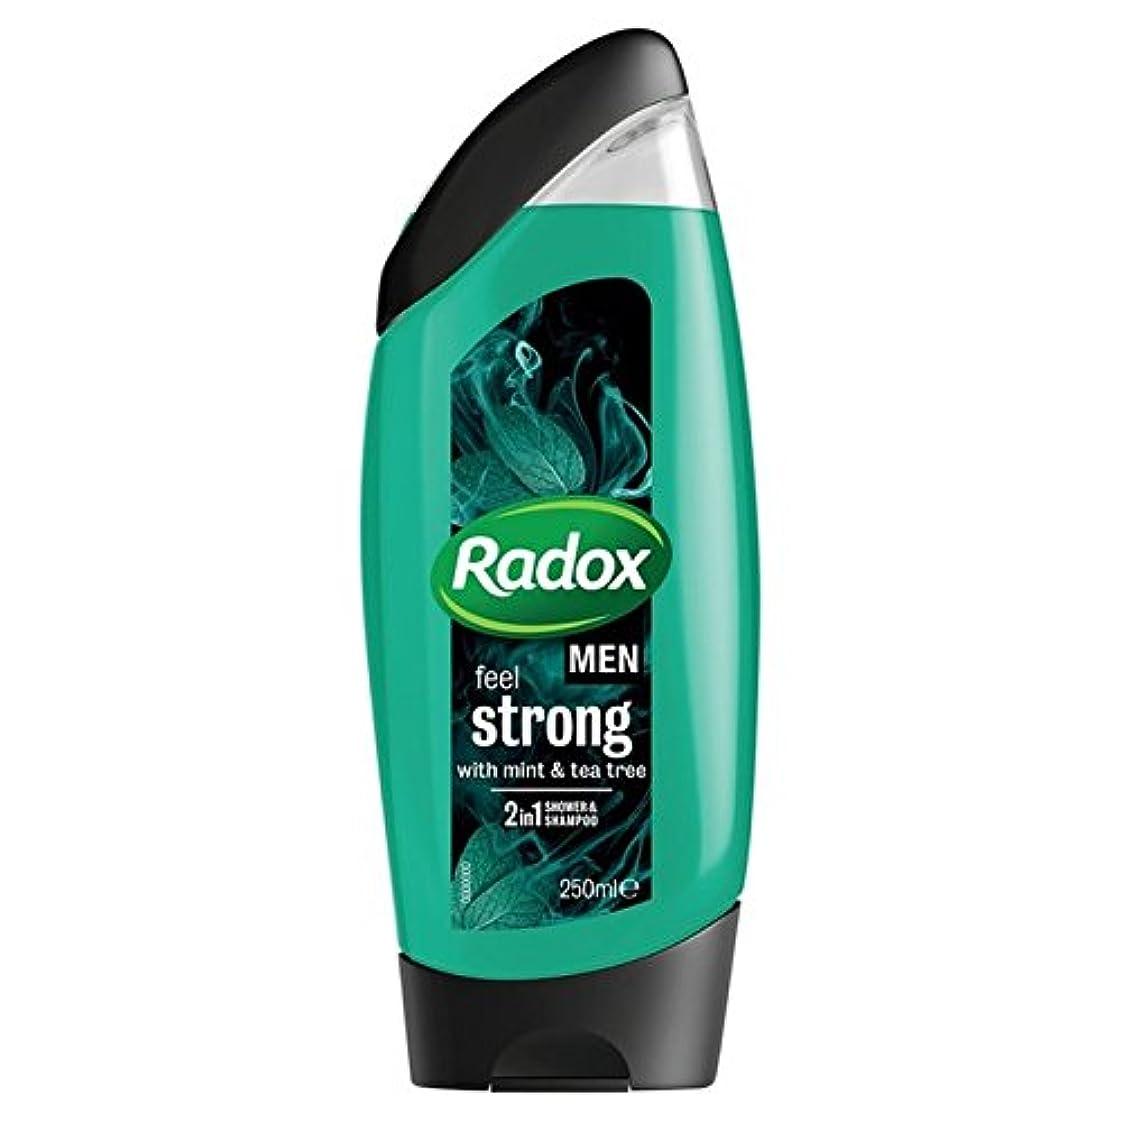 検索エンジンマーケティングロードハウスハムRadox Men Feel Strong Mint & Tea Tree 2in1 Shower Gel 250ml - 男性は、強力なミント&ティーツリーの21のシャワージェル250ミリリットルを感じます [並行輸入品]